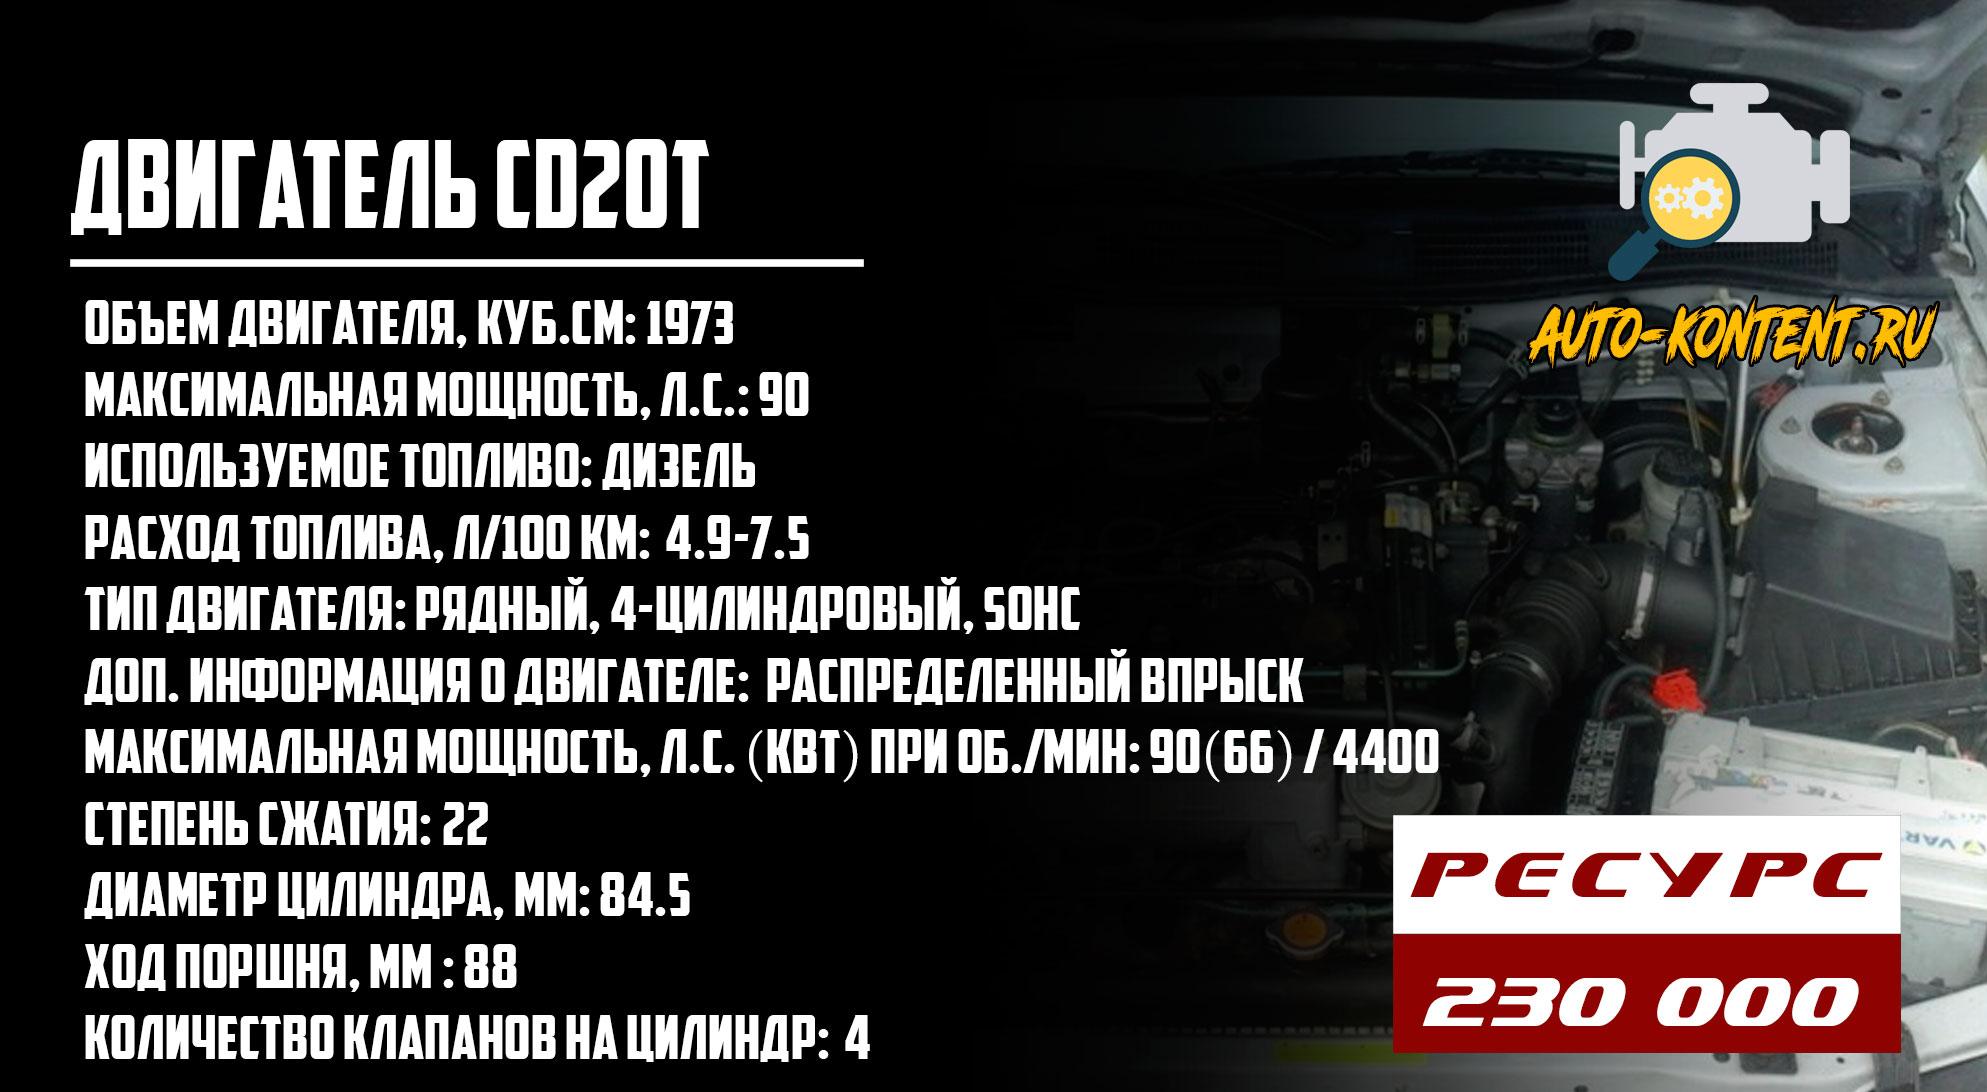 CD20T